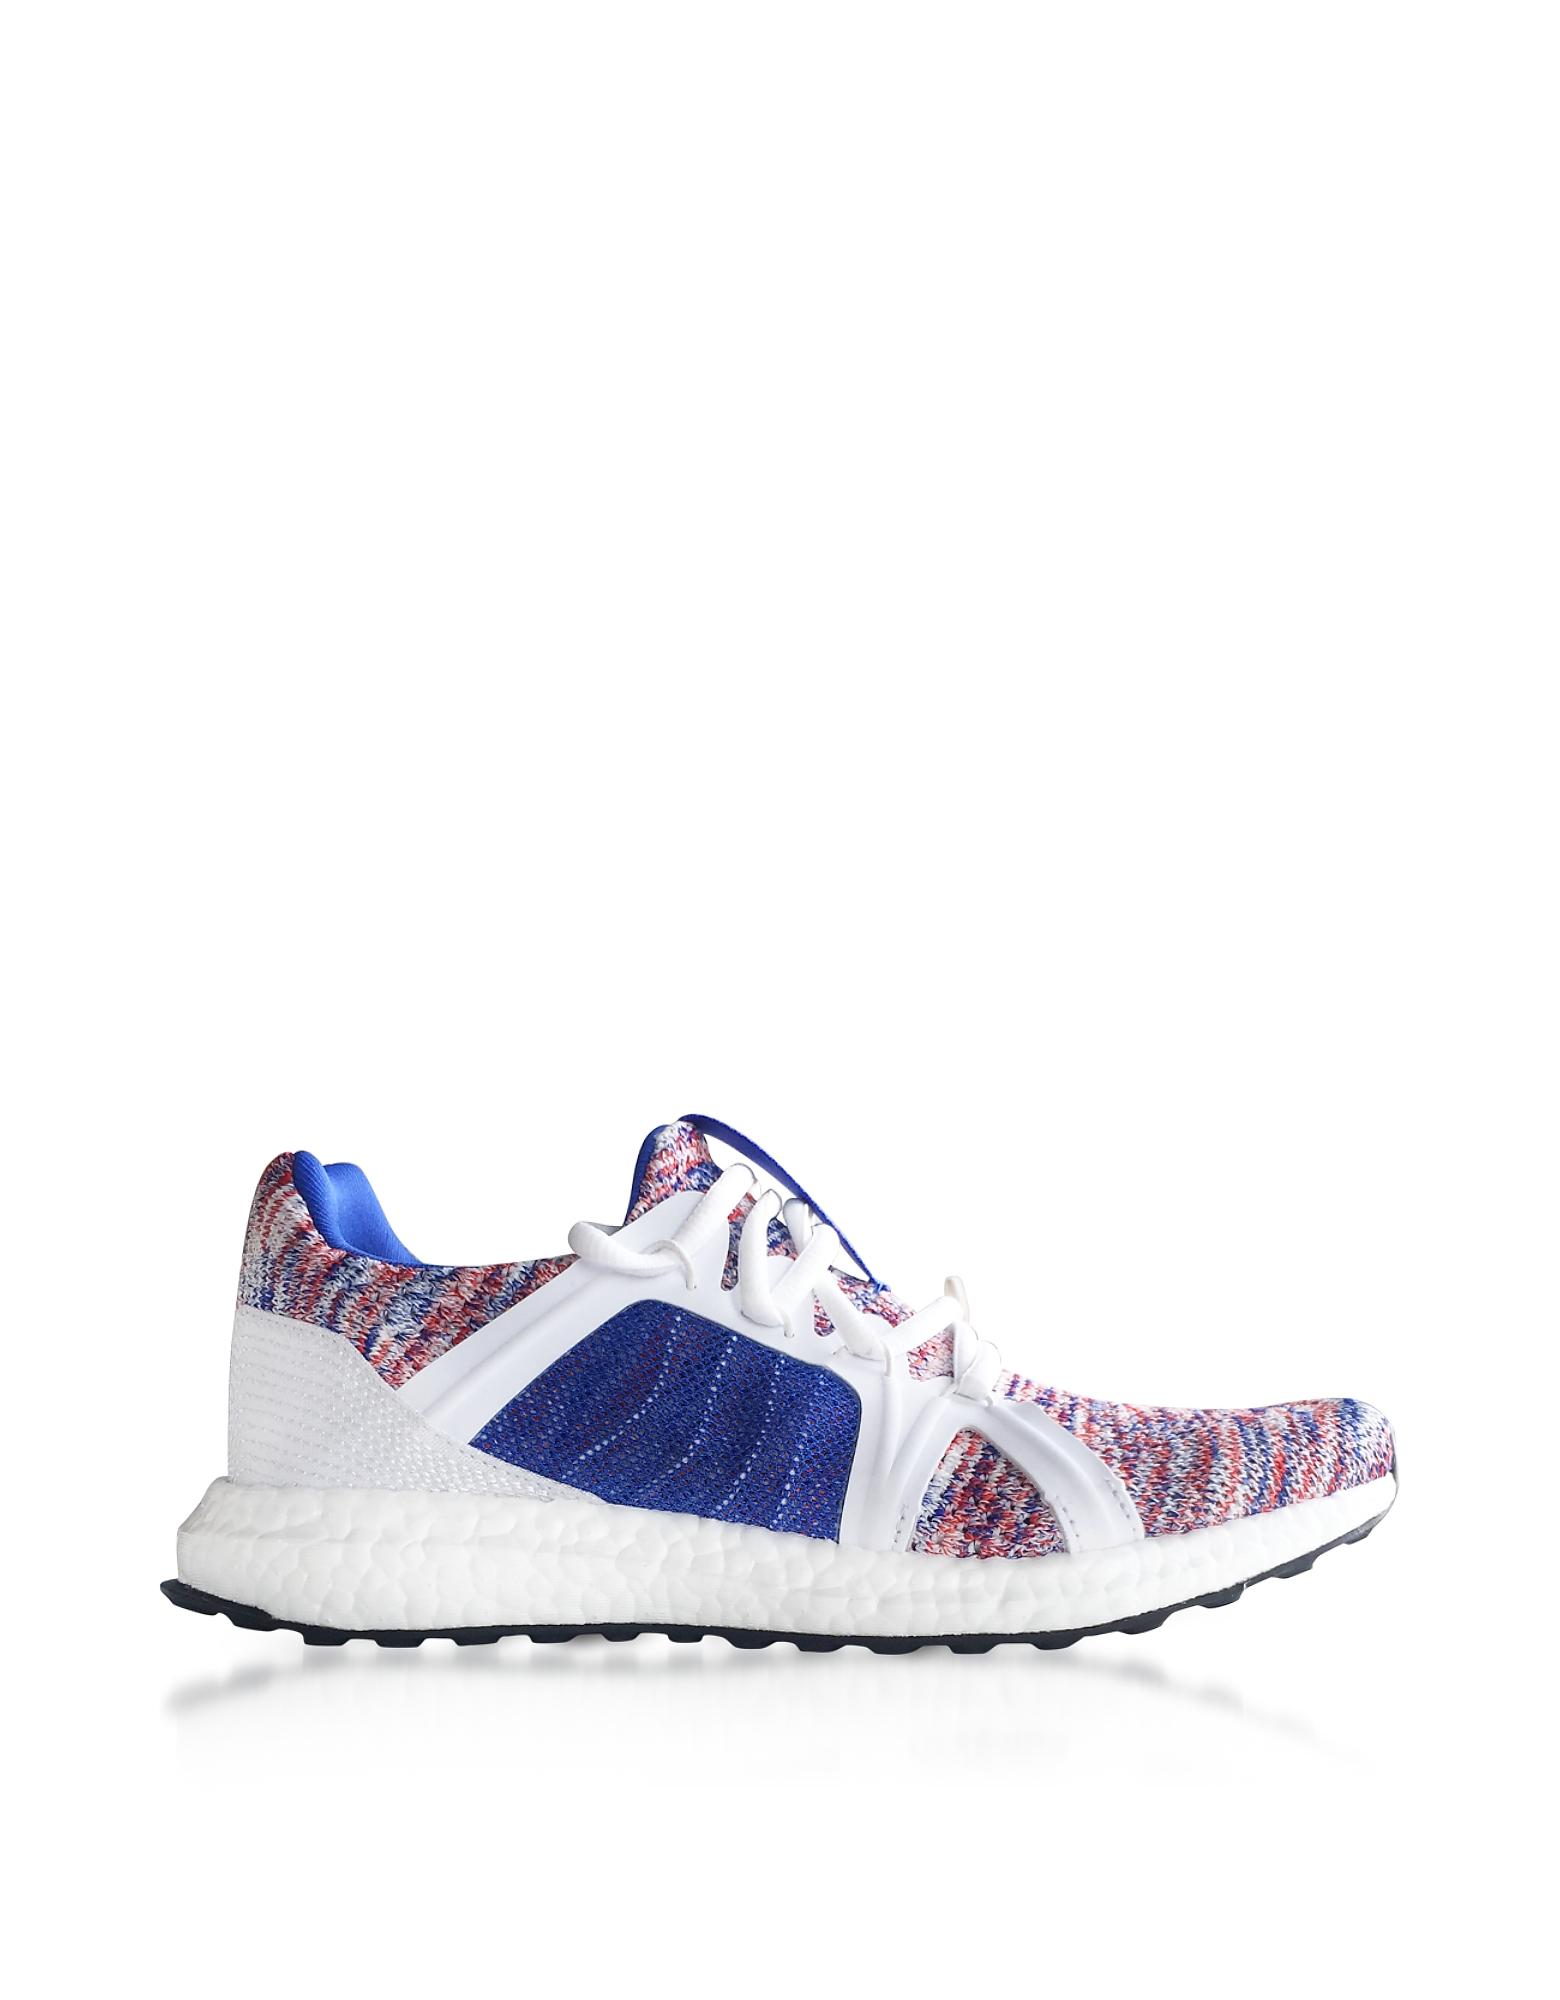 Ultraboost Parley Sneakers in Tessuto Parley Ocean Plastic Blu Melange